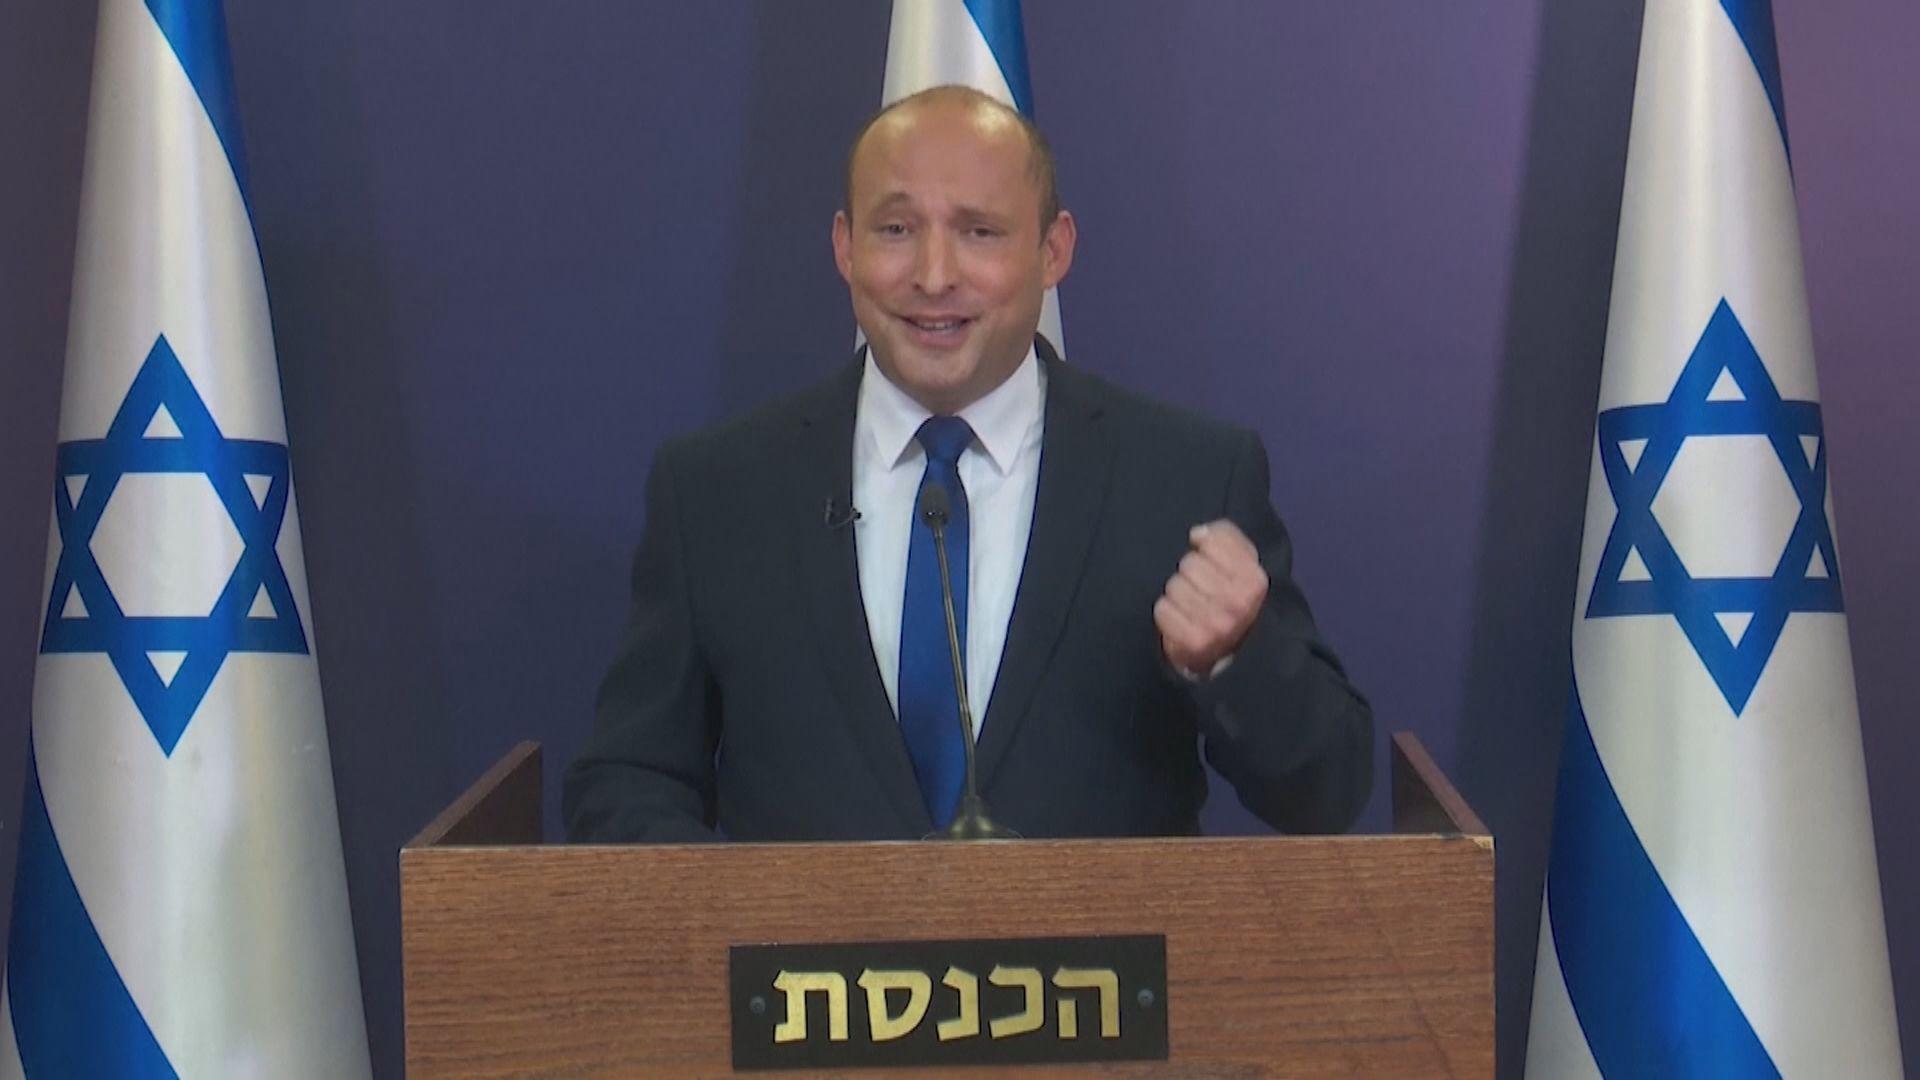 以色列右翼政黨參與組閣 內塔尼亞胡質疑危害國家安全